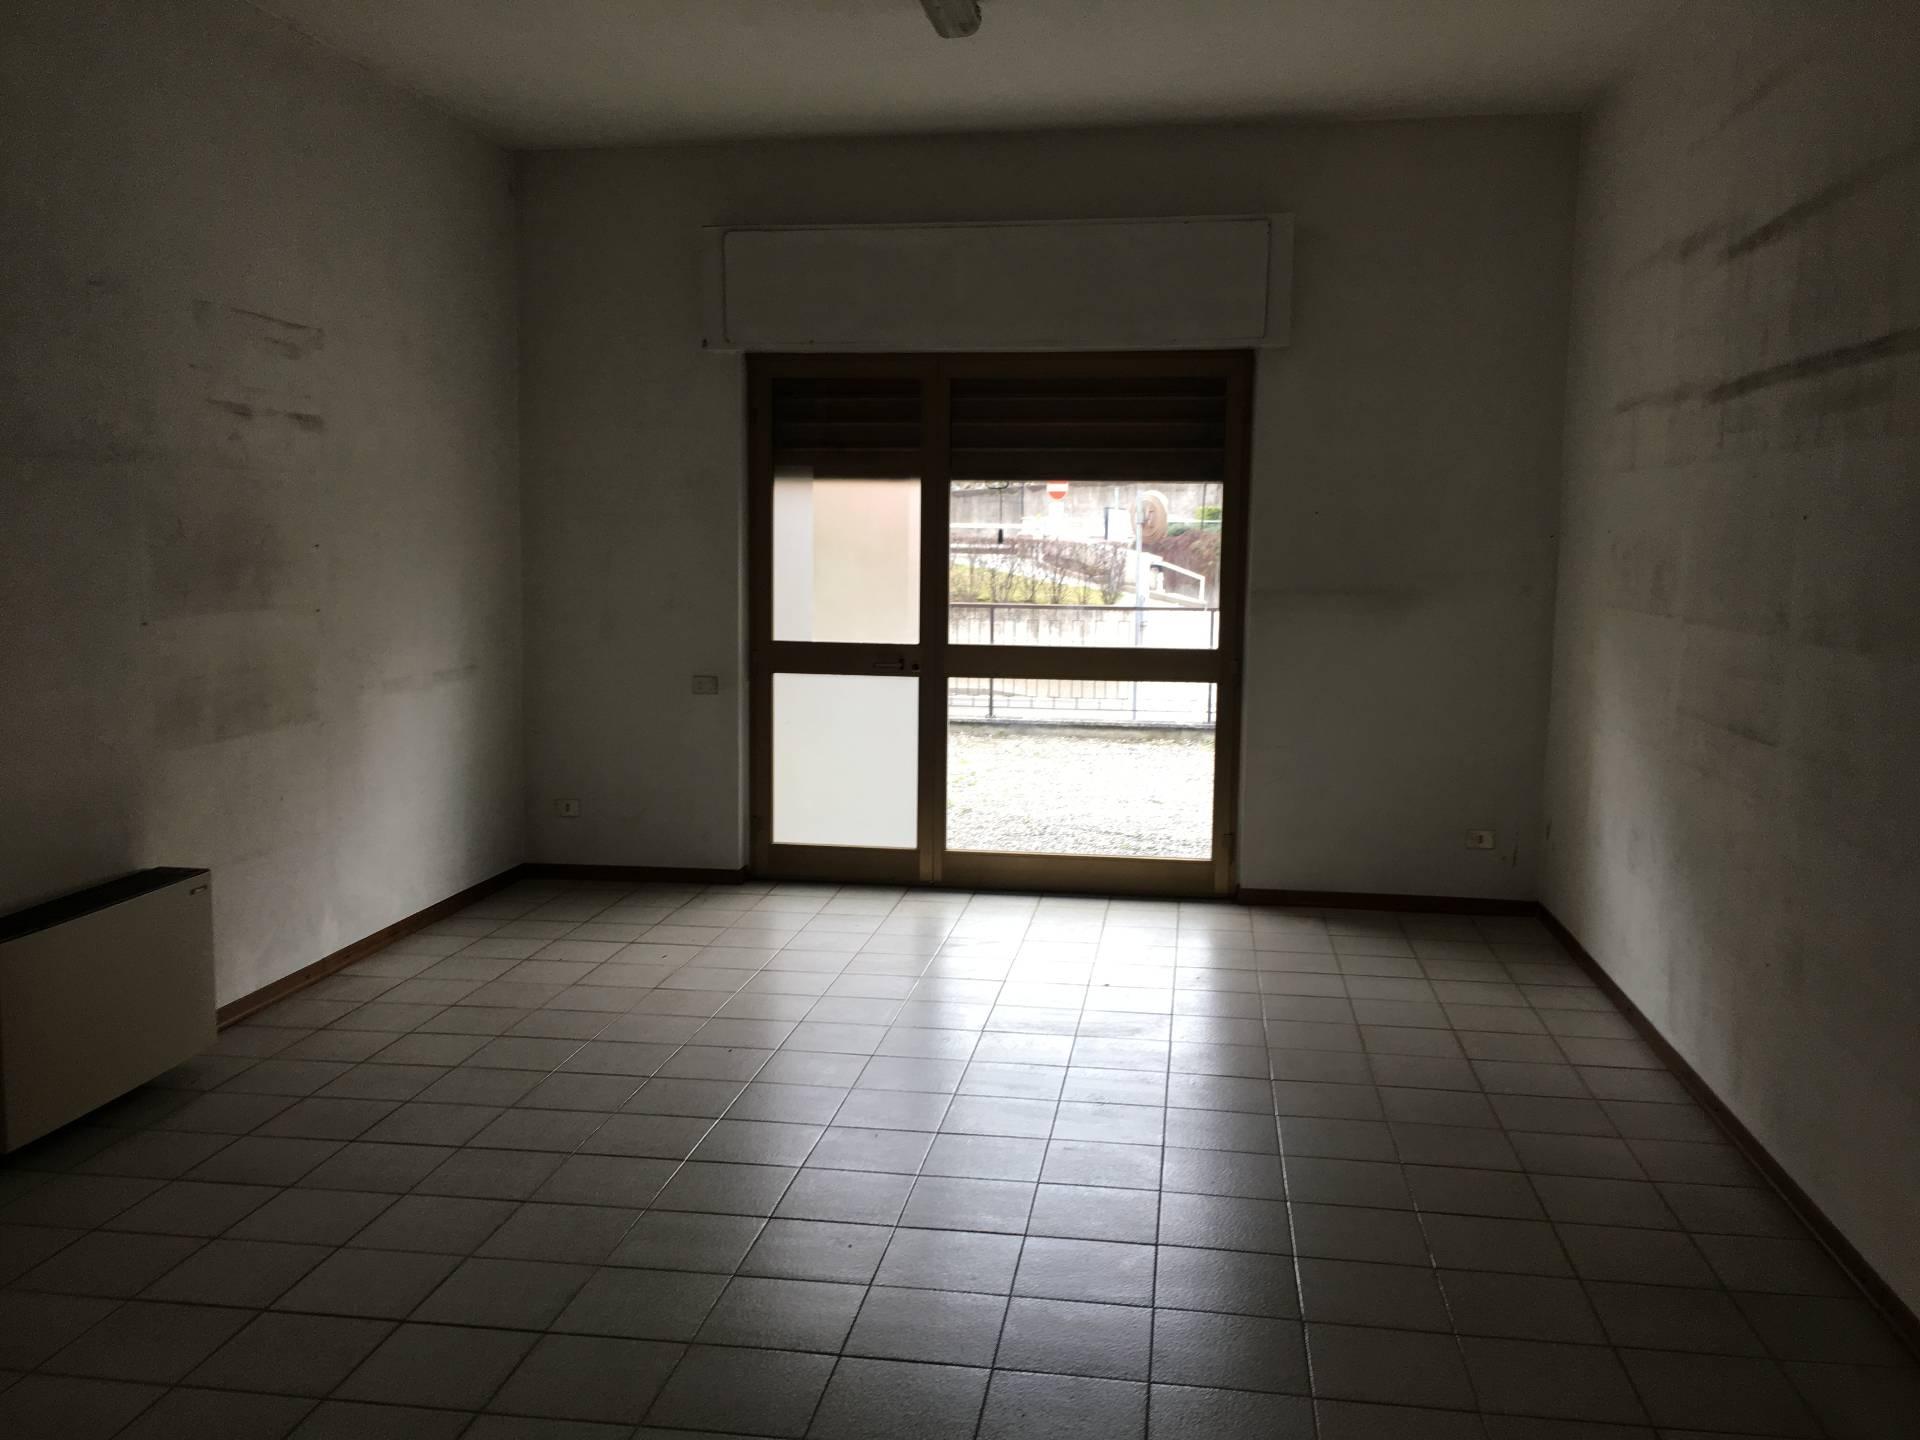 Negozio / Locale in affitto a Erba, 9999 locali, prezzo € 15.000 | CambioCasa.it